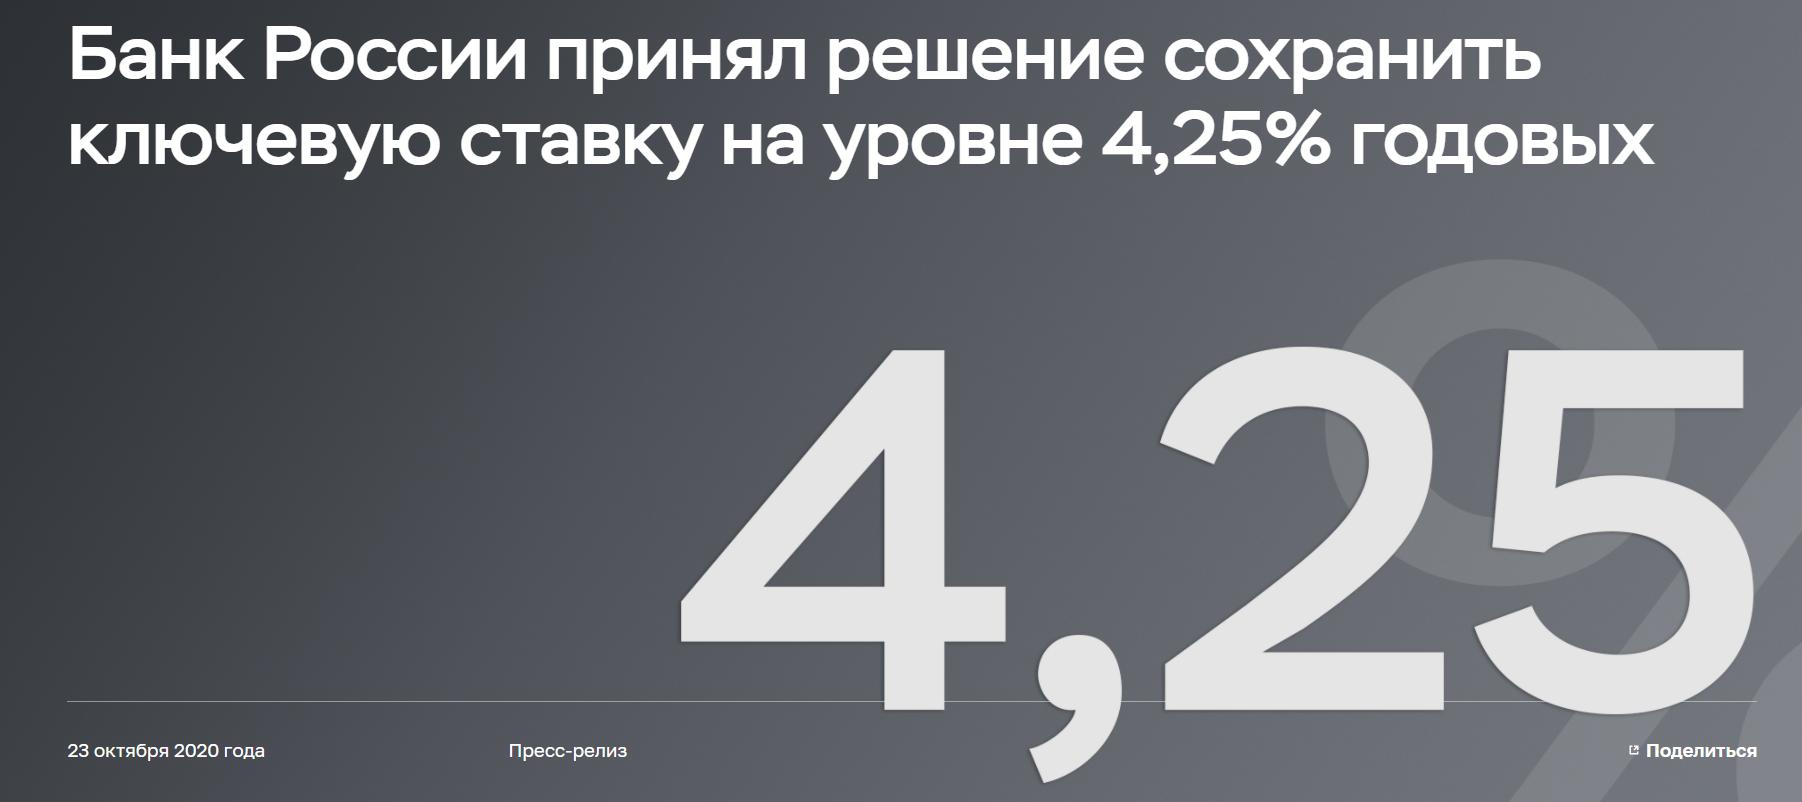 Что нового в пресс-релизе Банка России